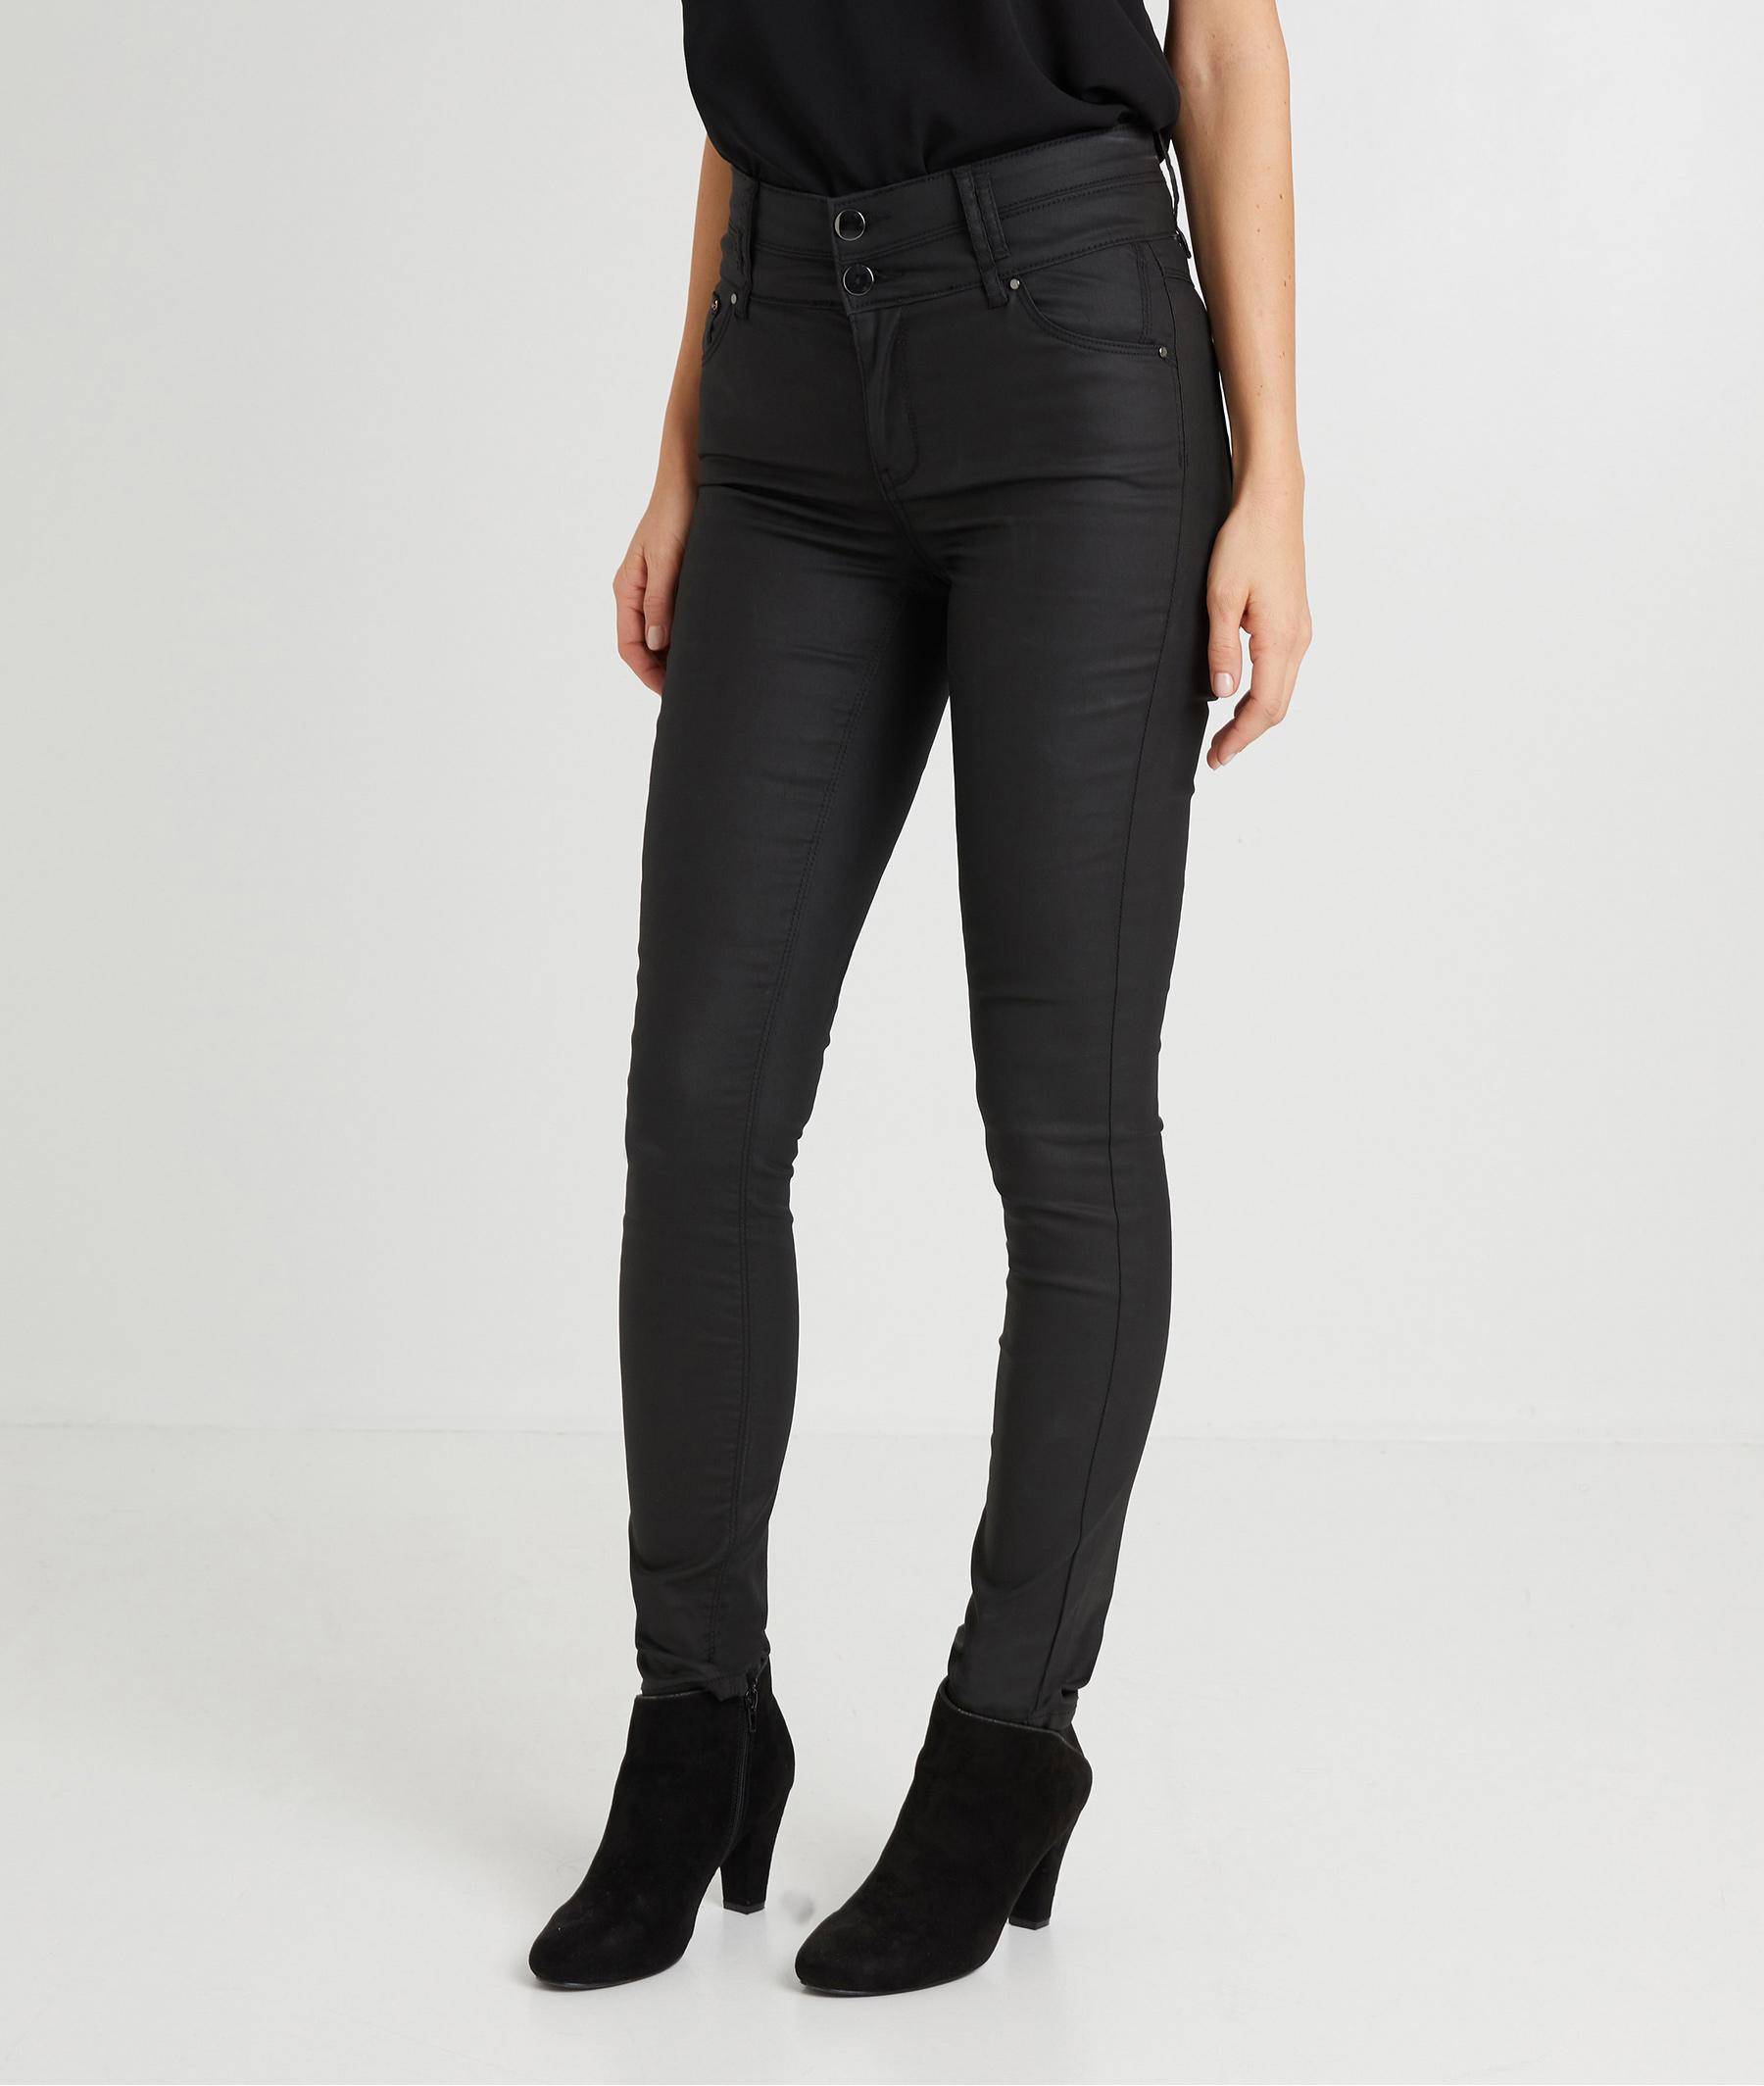 Pantalon slim taille haute enduit femme NOIR